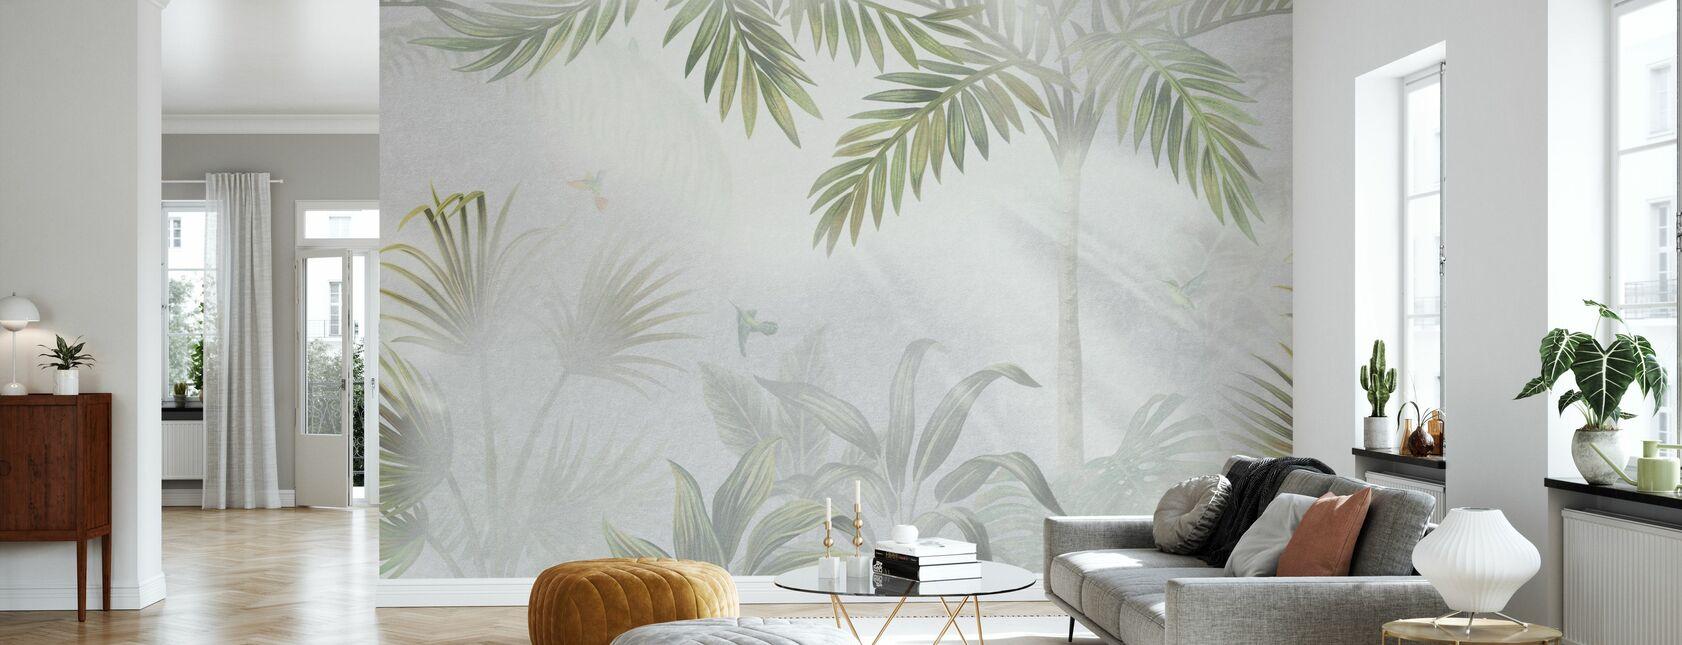 Selva de niebla - Oliva - Papel pintado - Salón